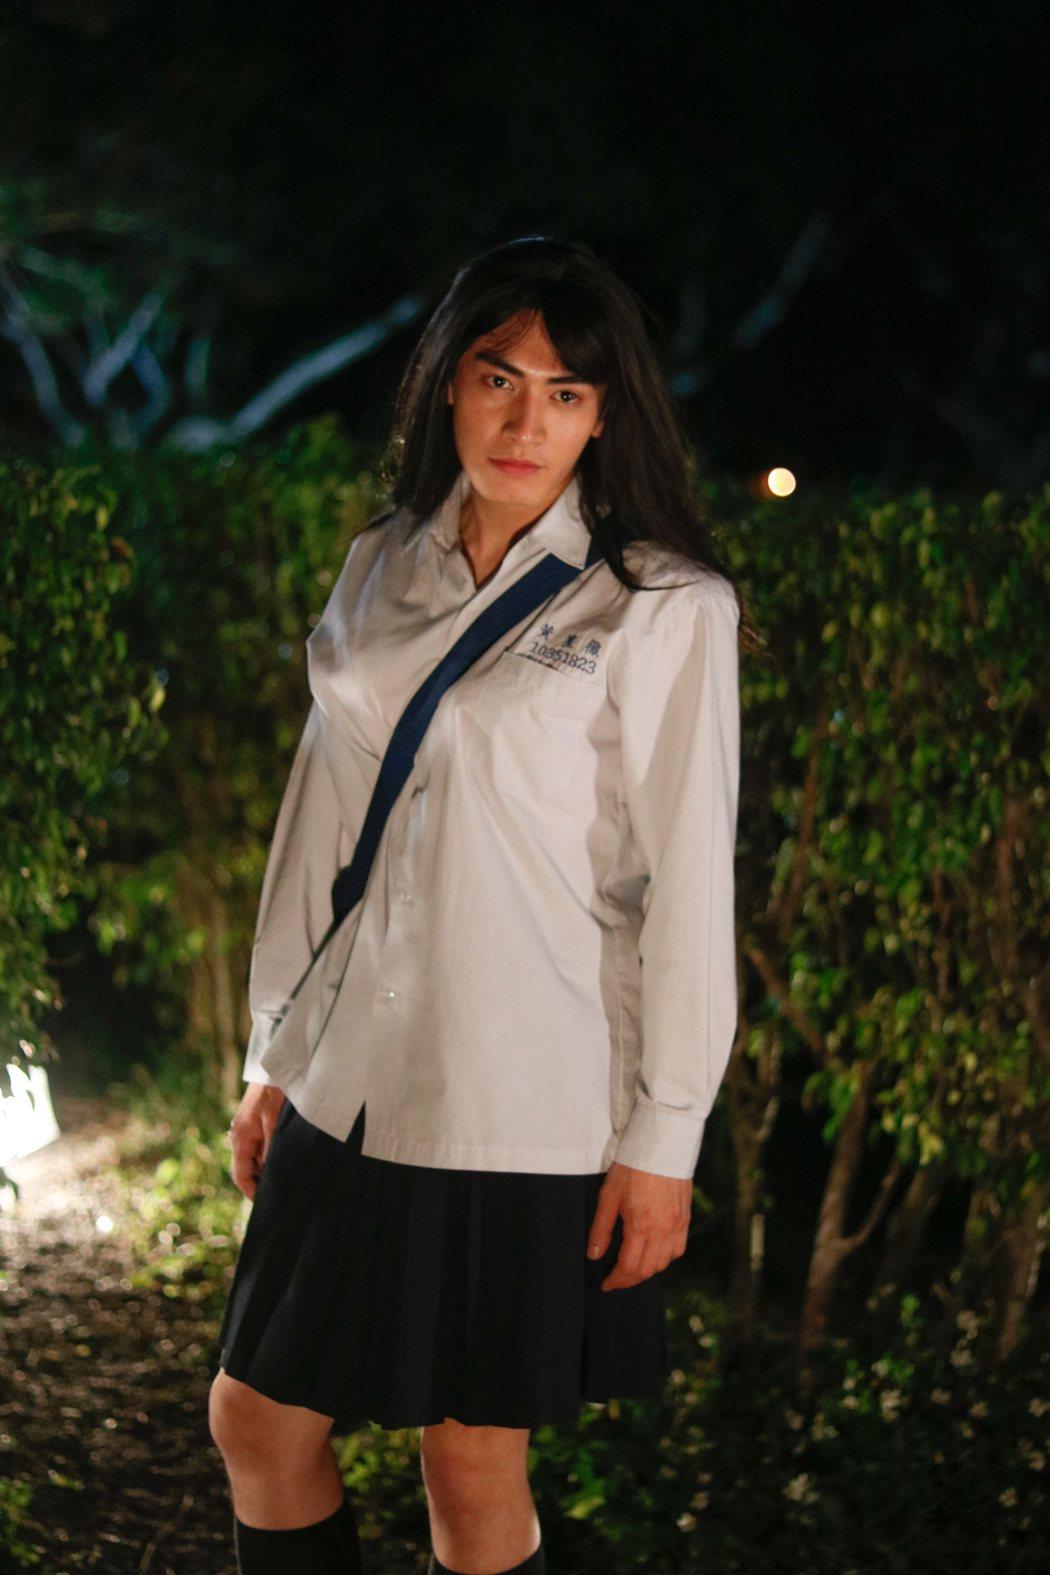 宋柏緯在「天降神機」中穿上G奶扮女裝又挑戰「噴麵」。圖/緯來提供